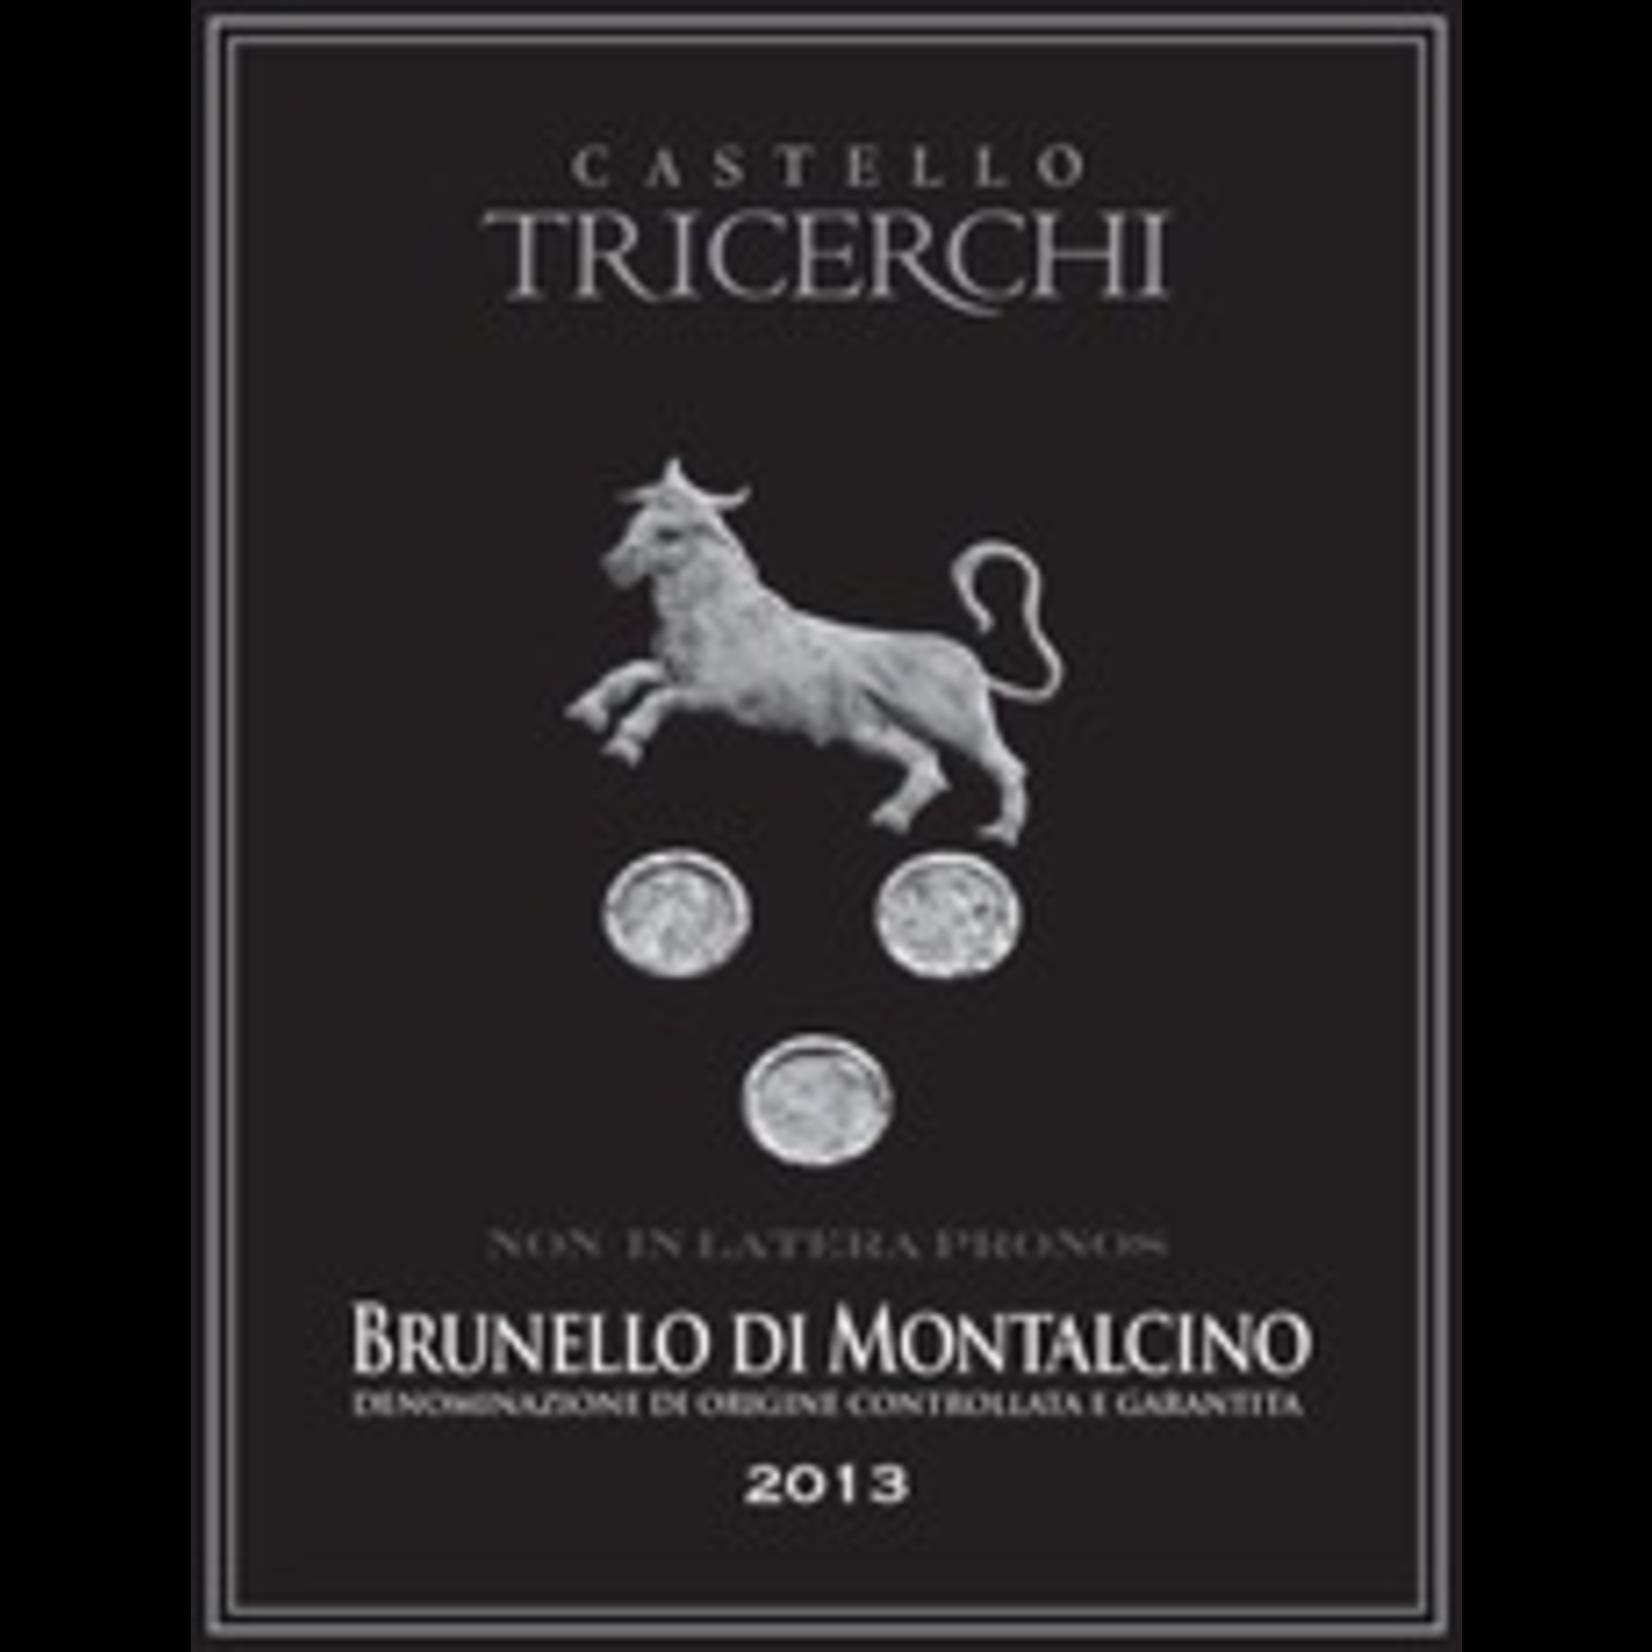 Wine Castello Tricerchi Brunello di Montalcino 2013